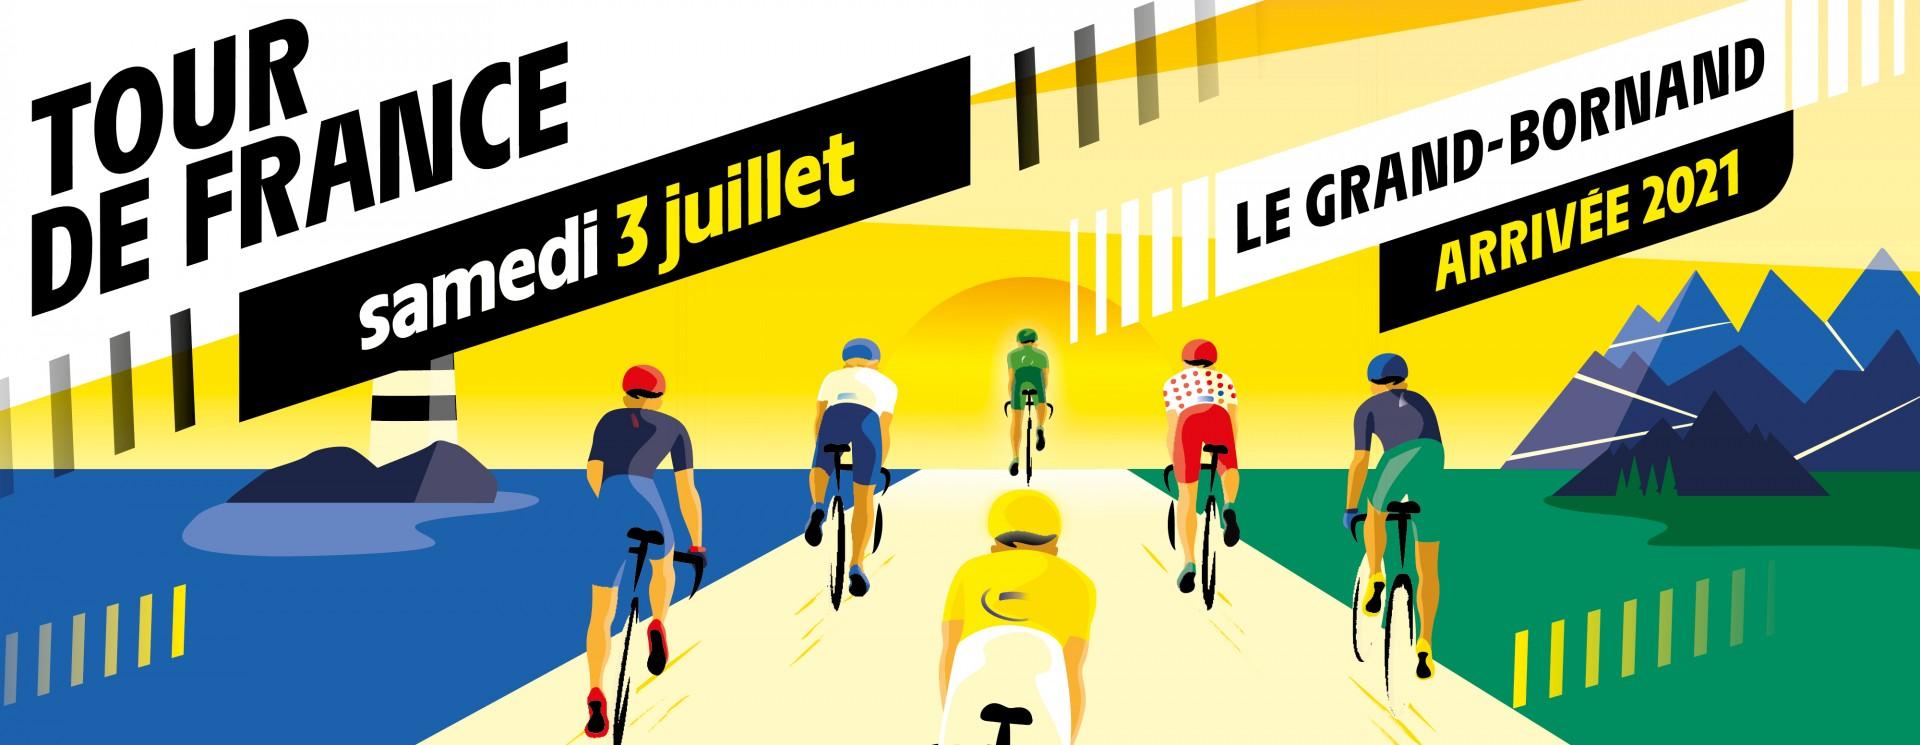 le grand bornand,tour de france,cyclisme